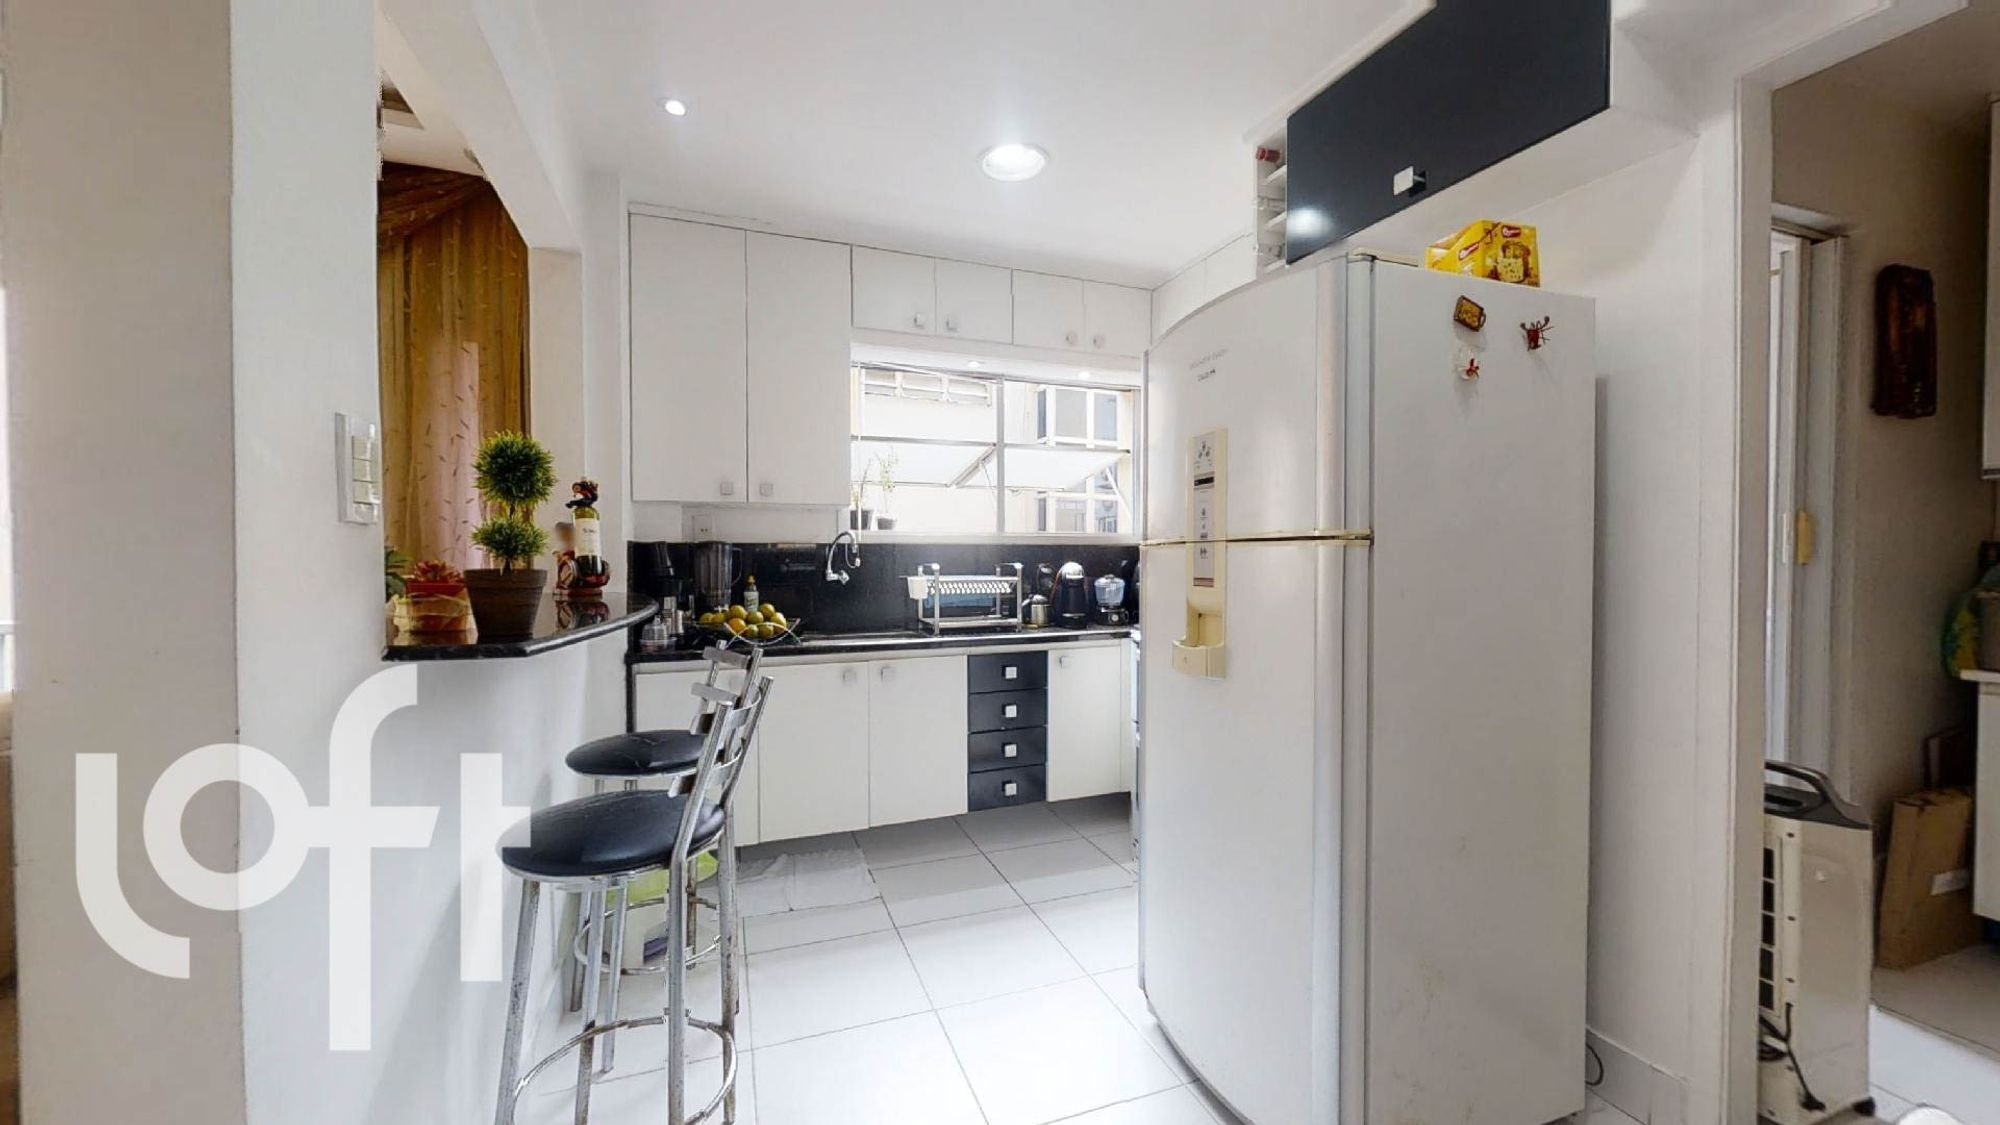 Foto de Cozinha com vaso de planta, geladeira, cadeira